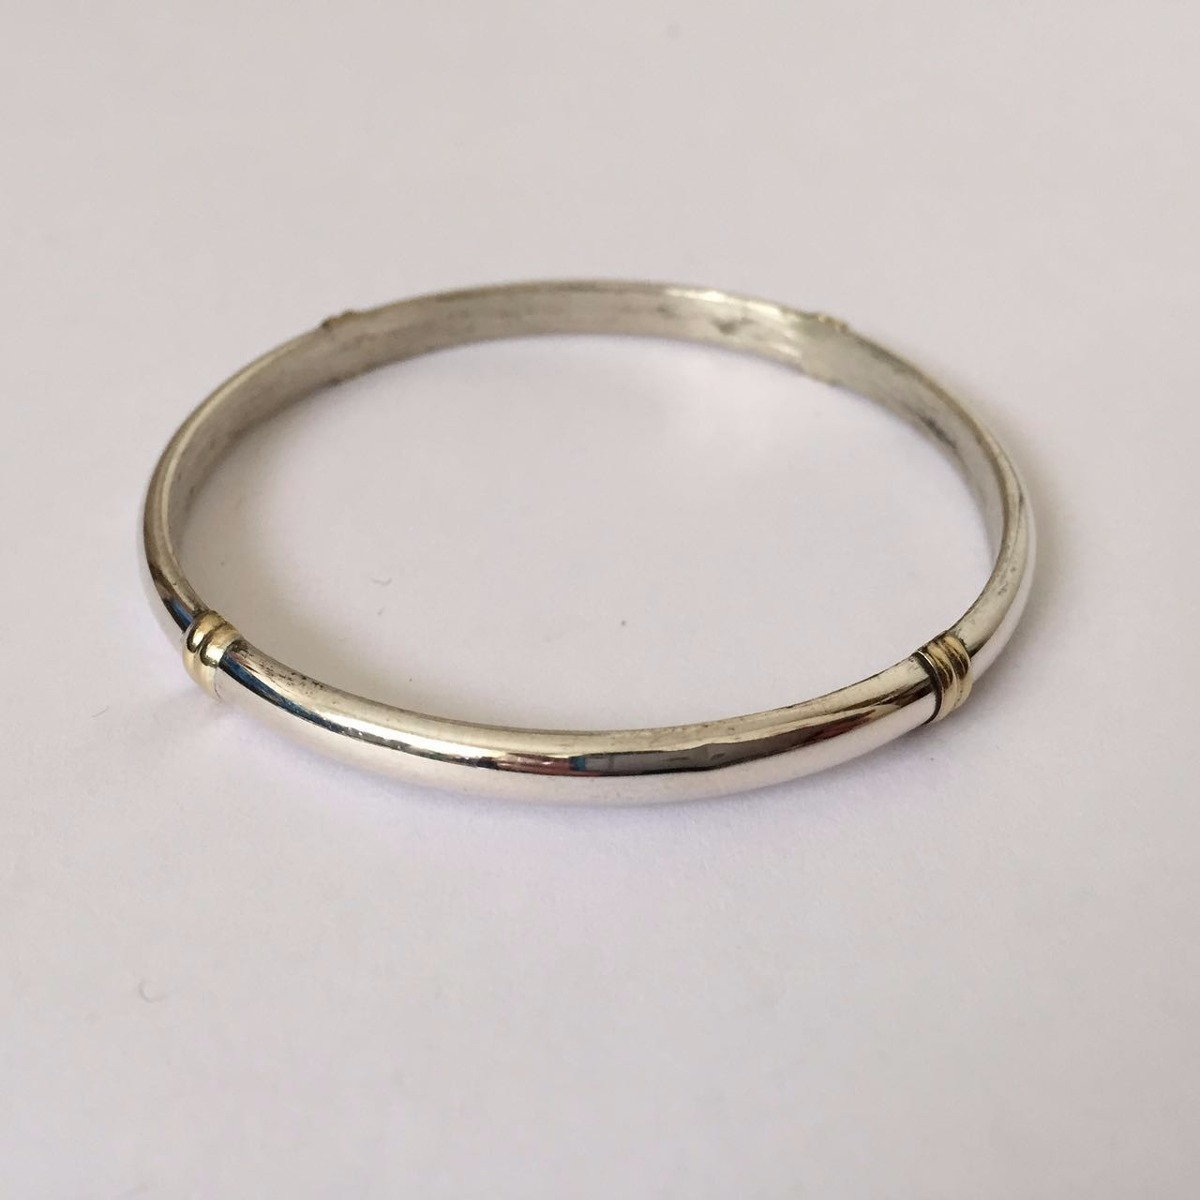 6819cea054a8 esclava de plata 925 media caña hueca con oro 5mm   geh5co. Cargando zoom.